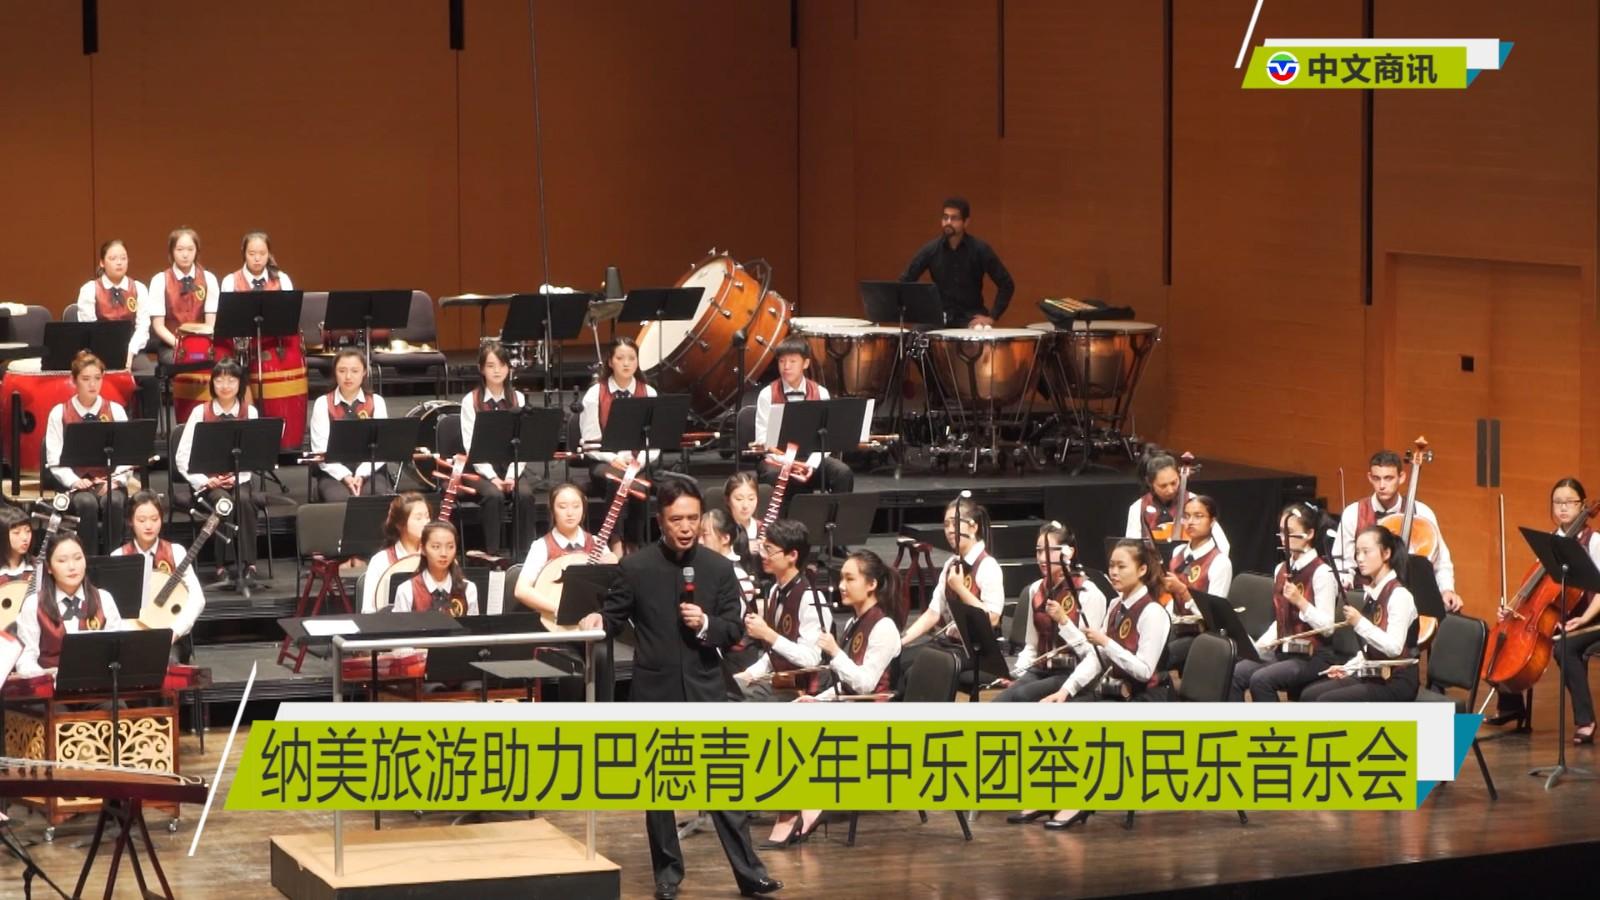 【视频】纳美旅游助力巴德青少年中乐团举办民乐音乐会